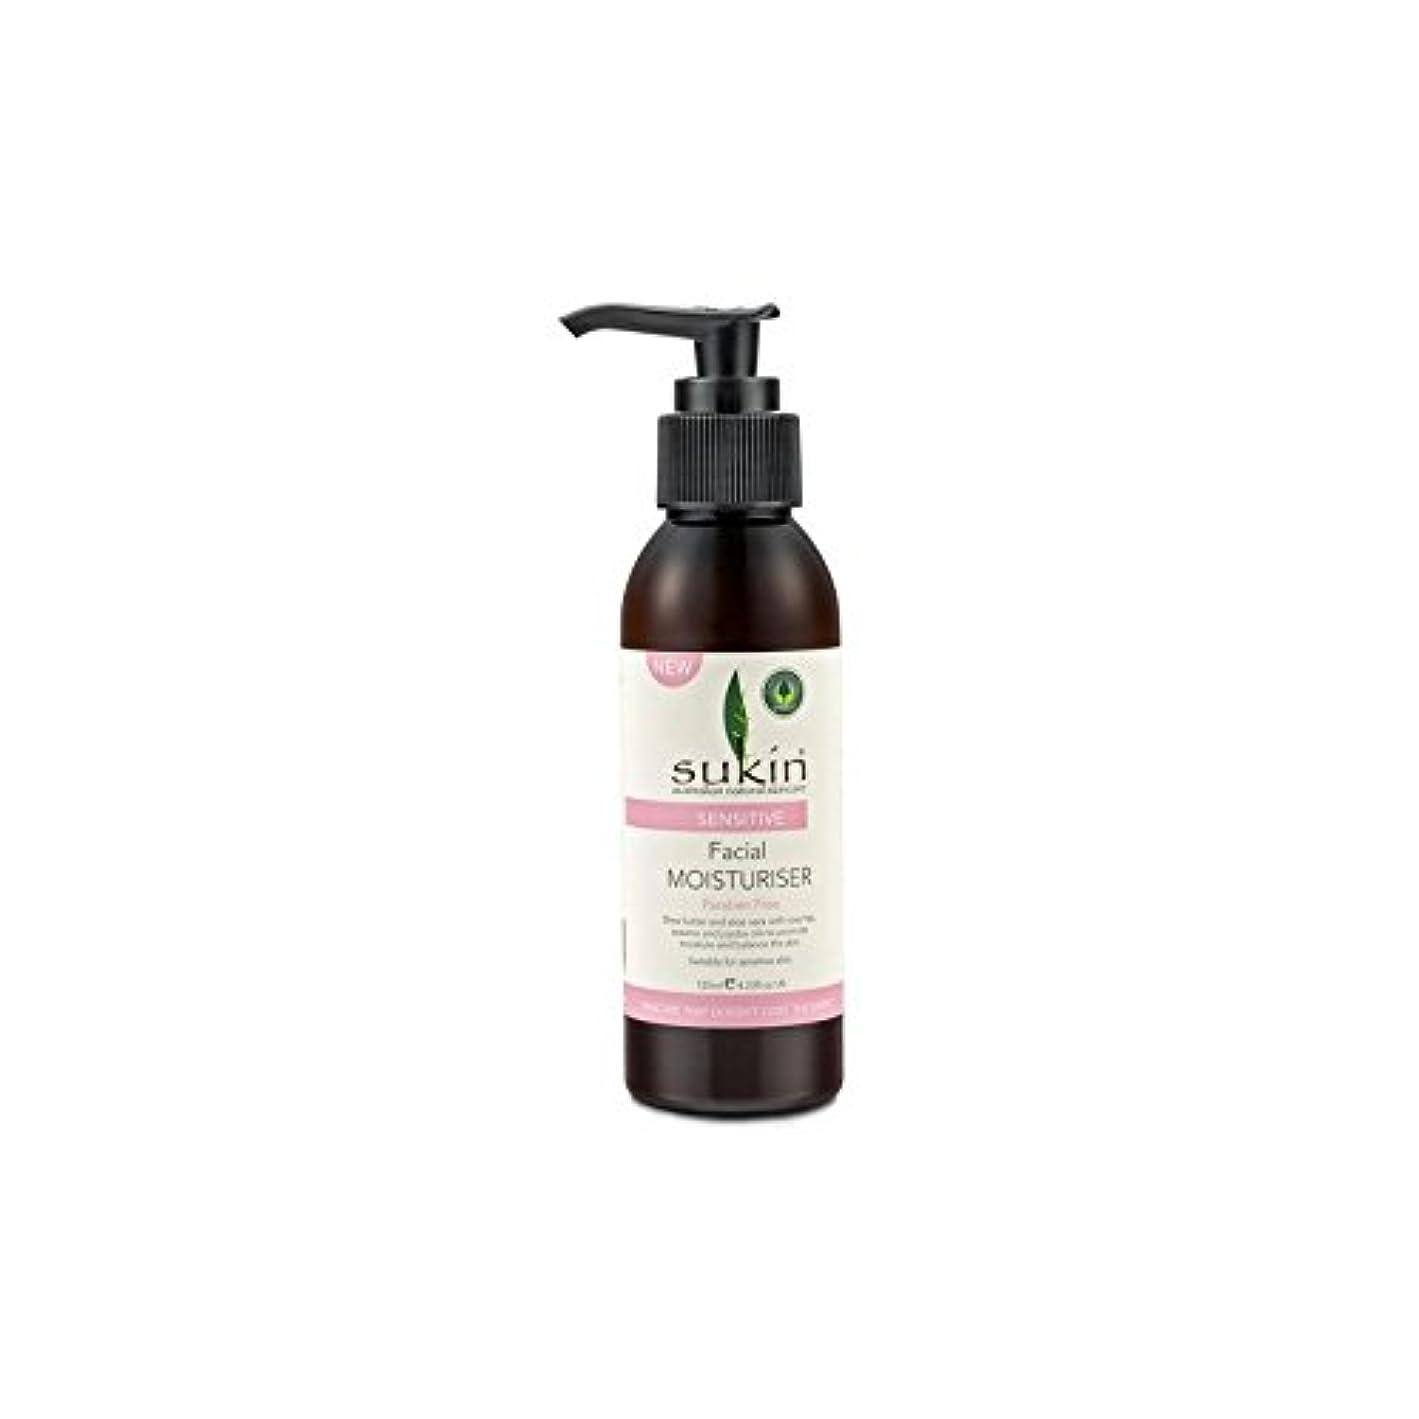 ほこりプレゼンターカウント敏感な顔の保湿剤(125ミリリットル) x2 - Sukin Sensitive Facial Moisturiser (125ml) (Pack of 2) [並行輸入品]